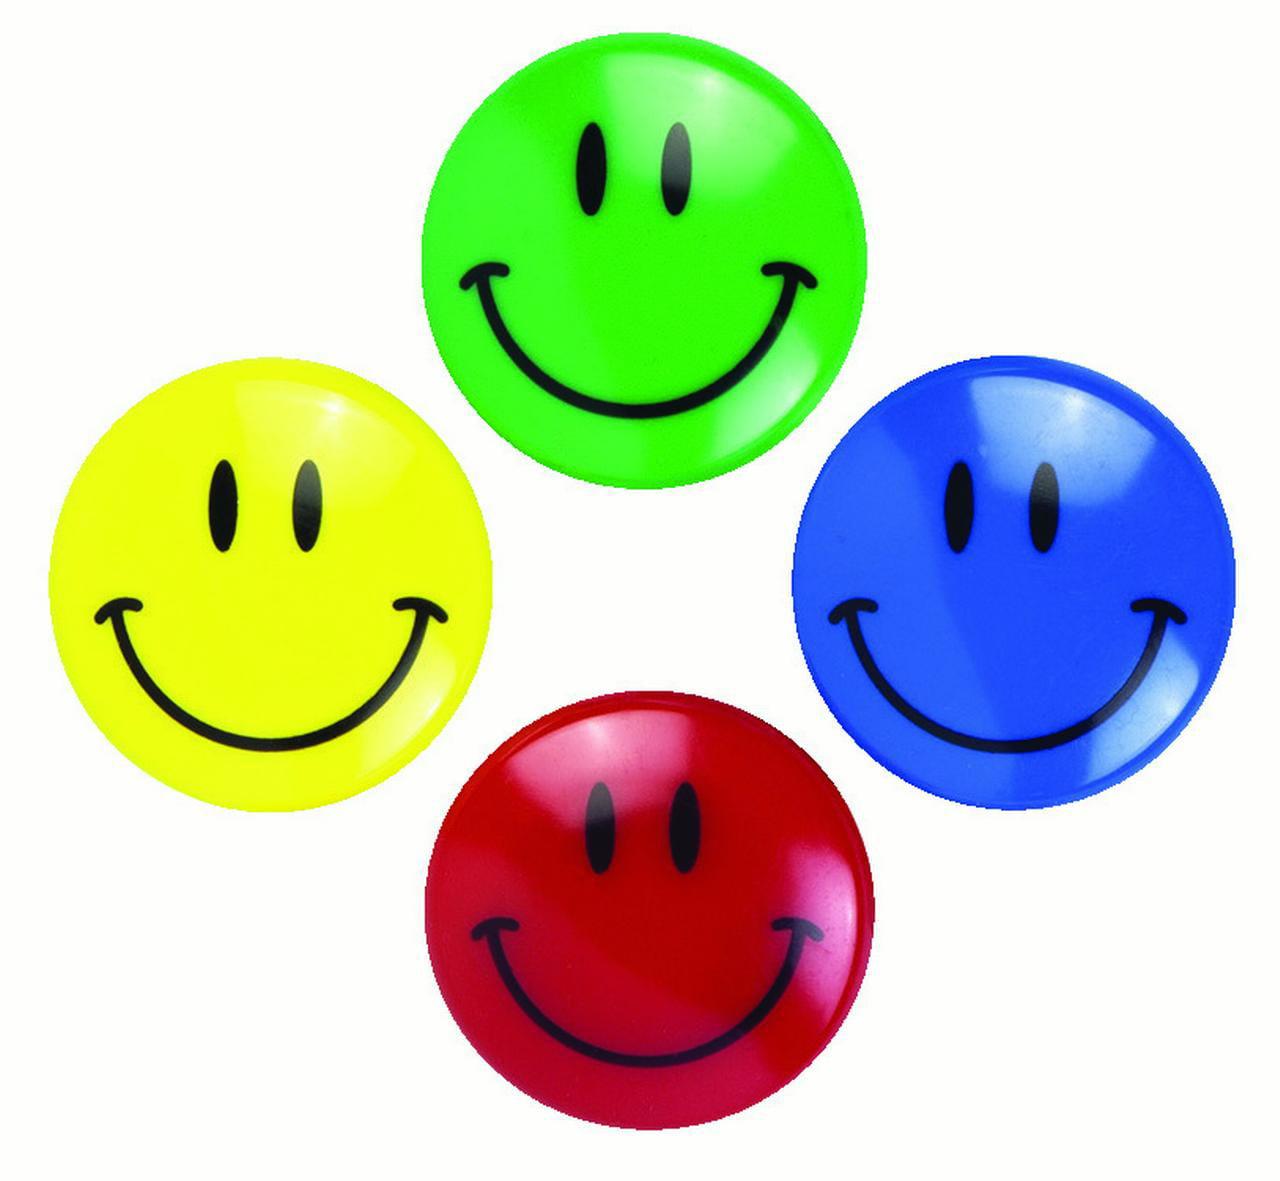 Baumgartens Smiley Face Magnet, Assorted Color, Pack of 2